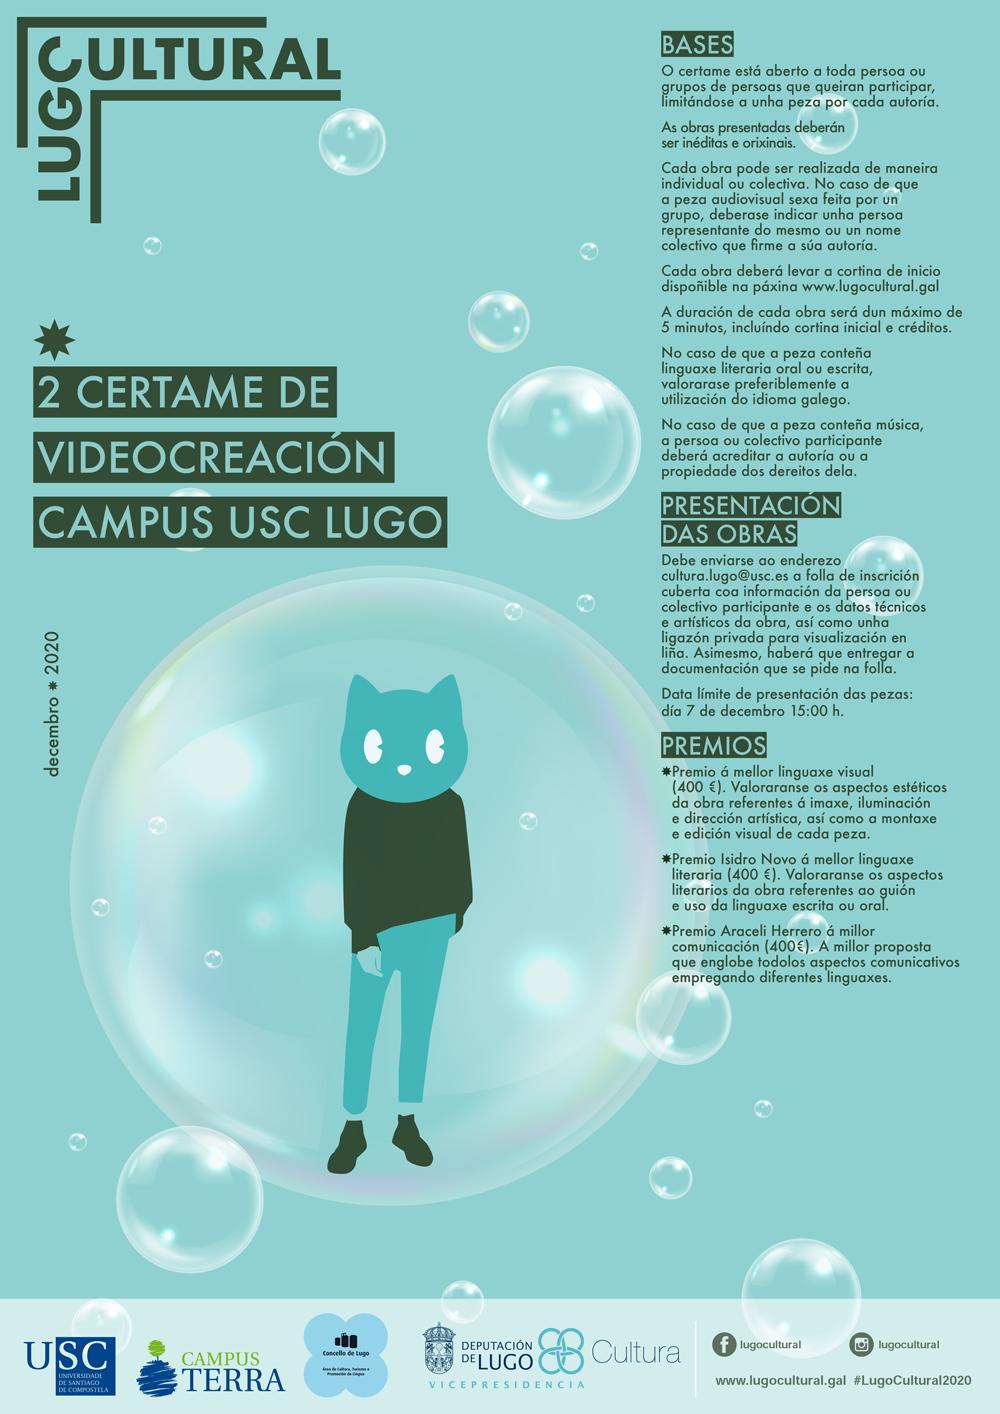 II Certame de Videocreación Campus USC Lugo